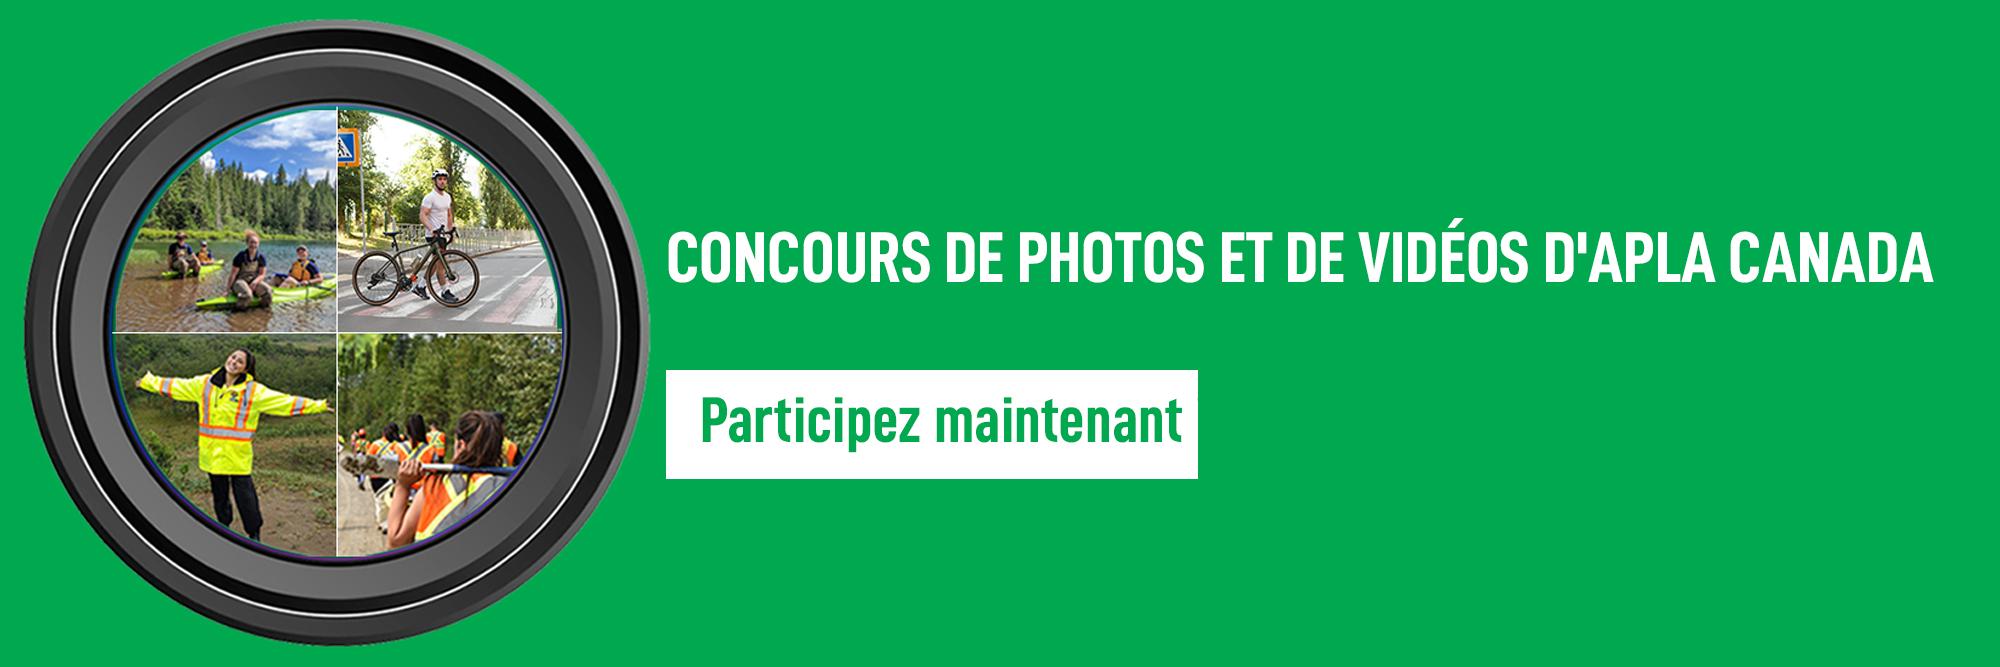 Concours de photos et de vidéos d'APLA Canada. Participez maintenant!